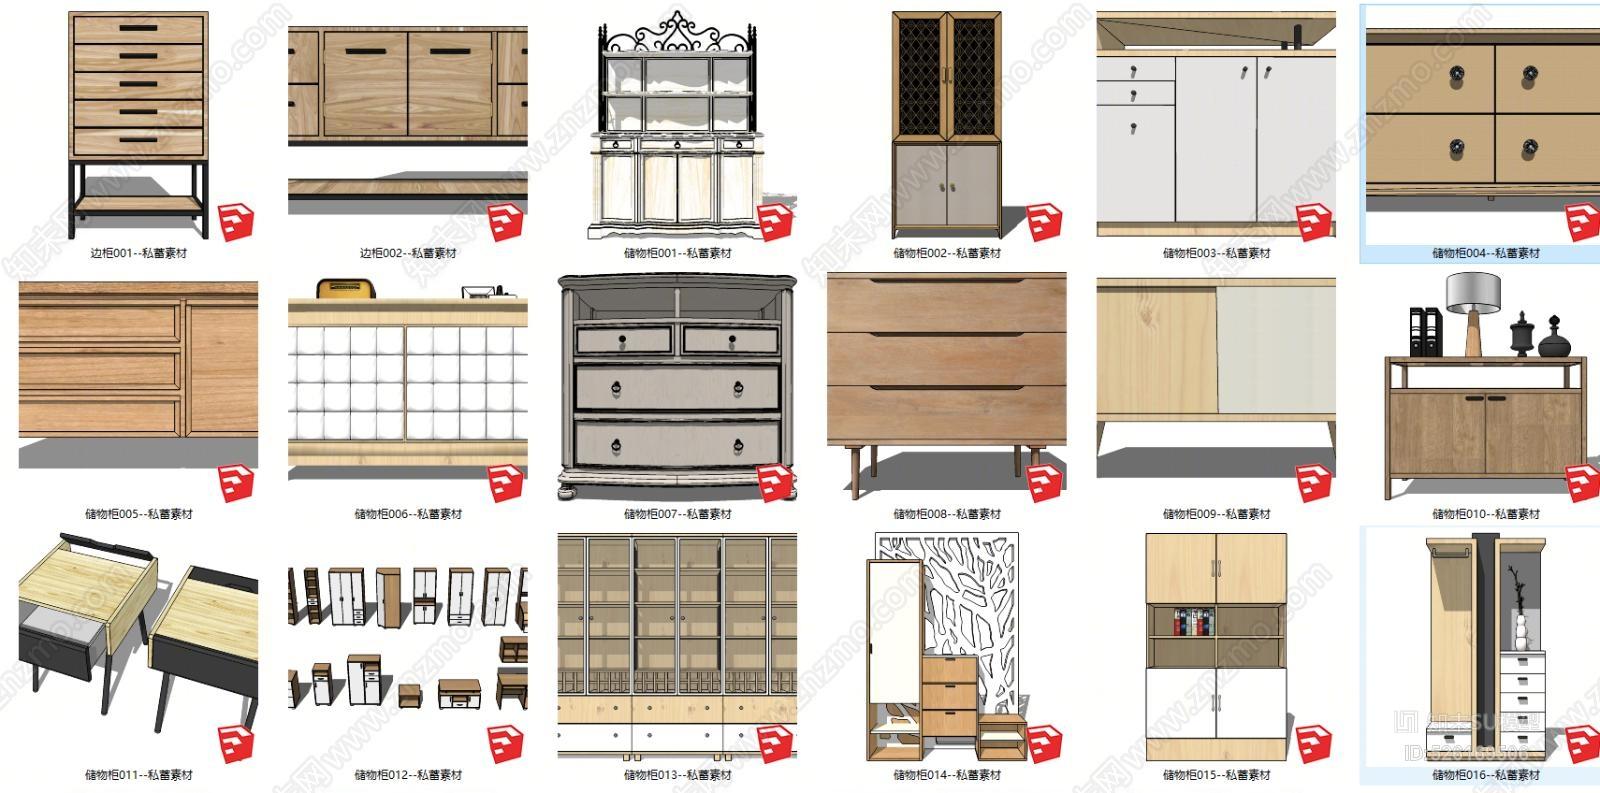 各类柜子图  鞋柜 床头柜 书柜指示牌 火柴 箱包 其他 柜子